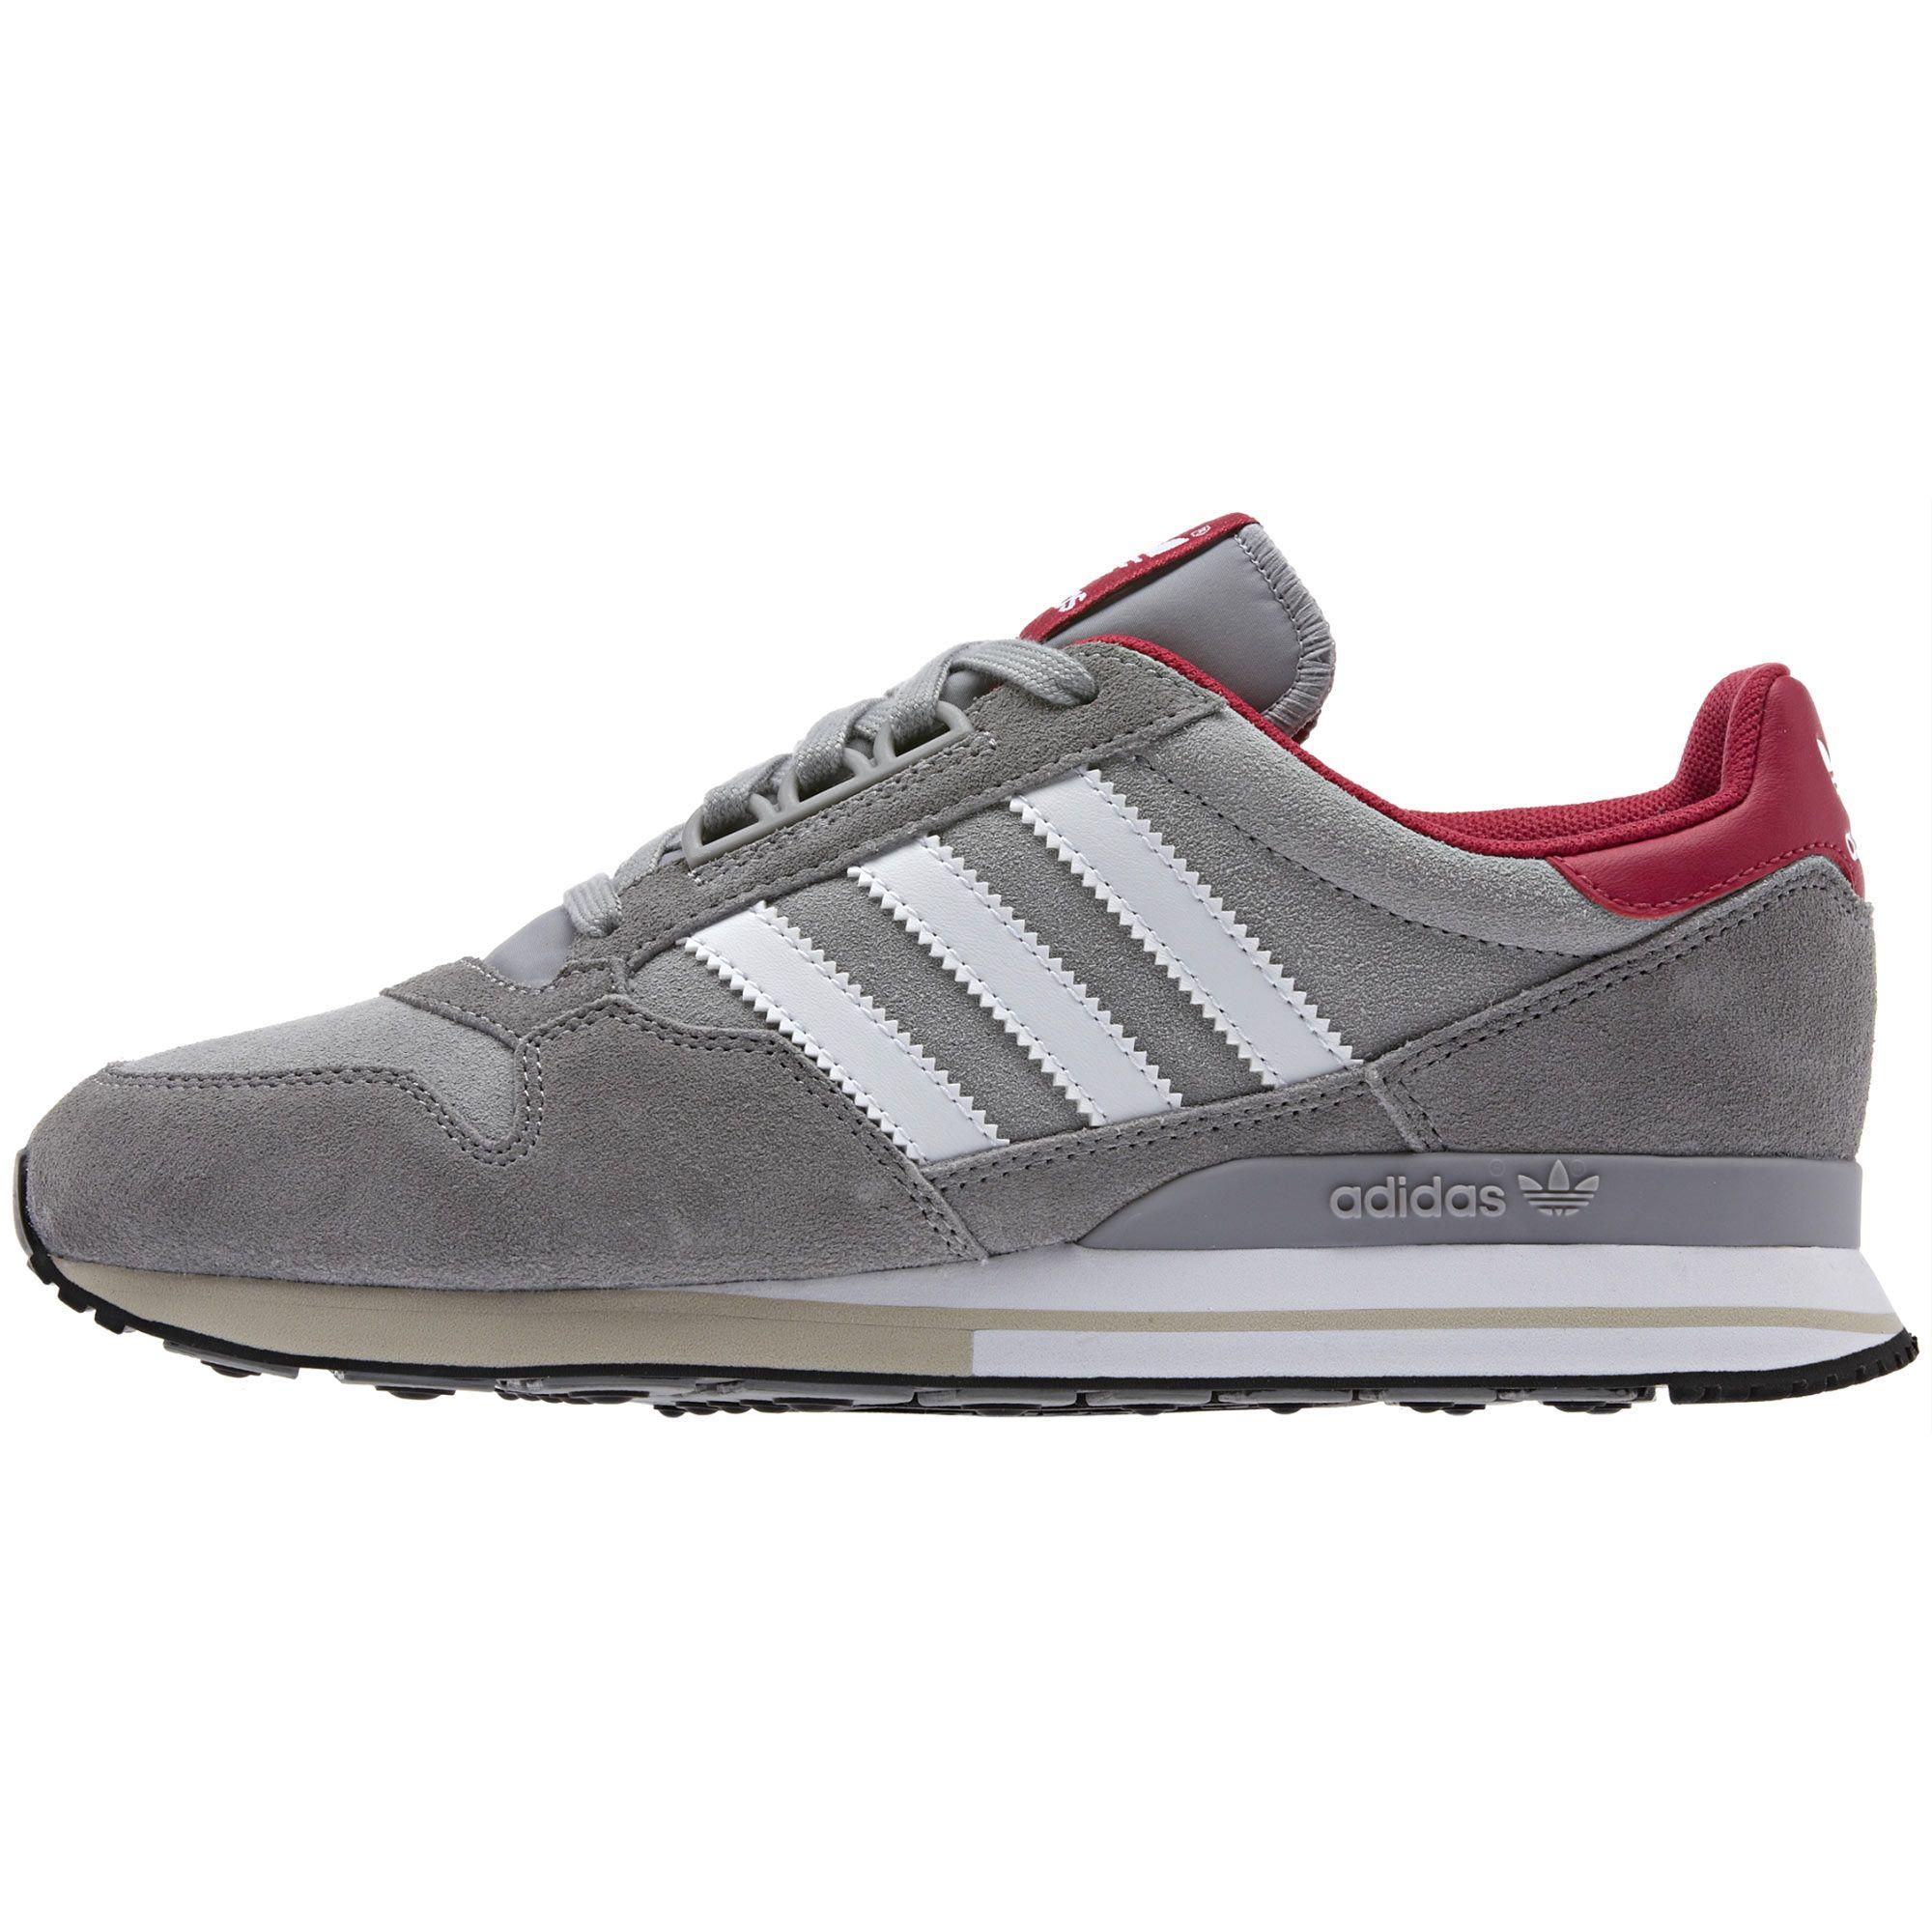 finest selection 5baee 63ff1 ... czech adidas zx schuhe adidas zx 750 offizieller adidas shop 8af39 bc9c9